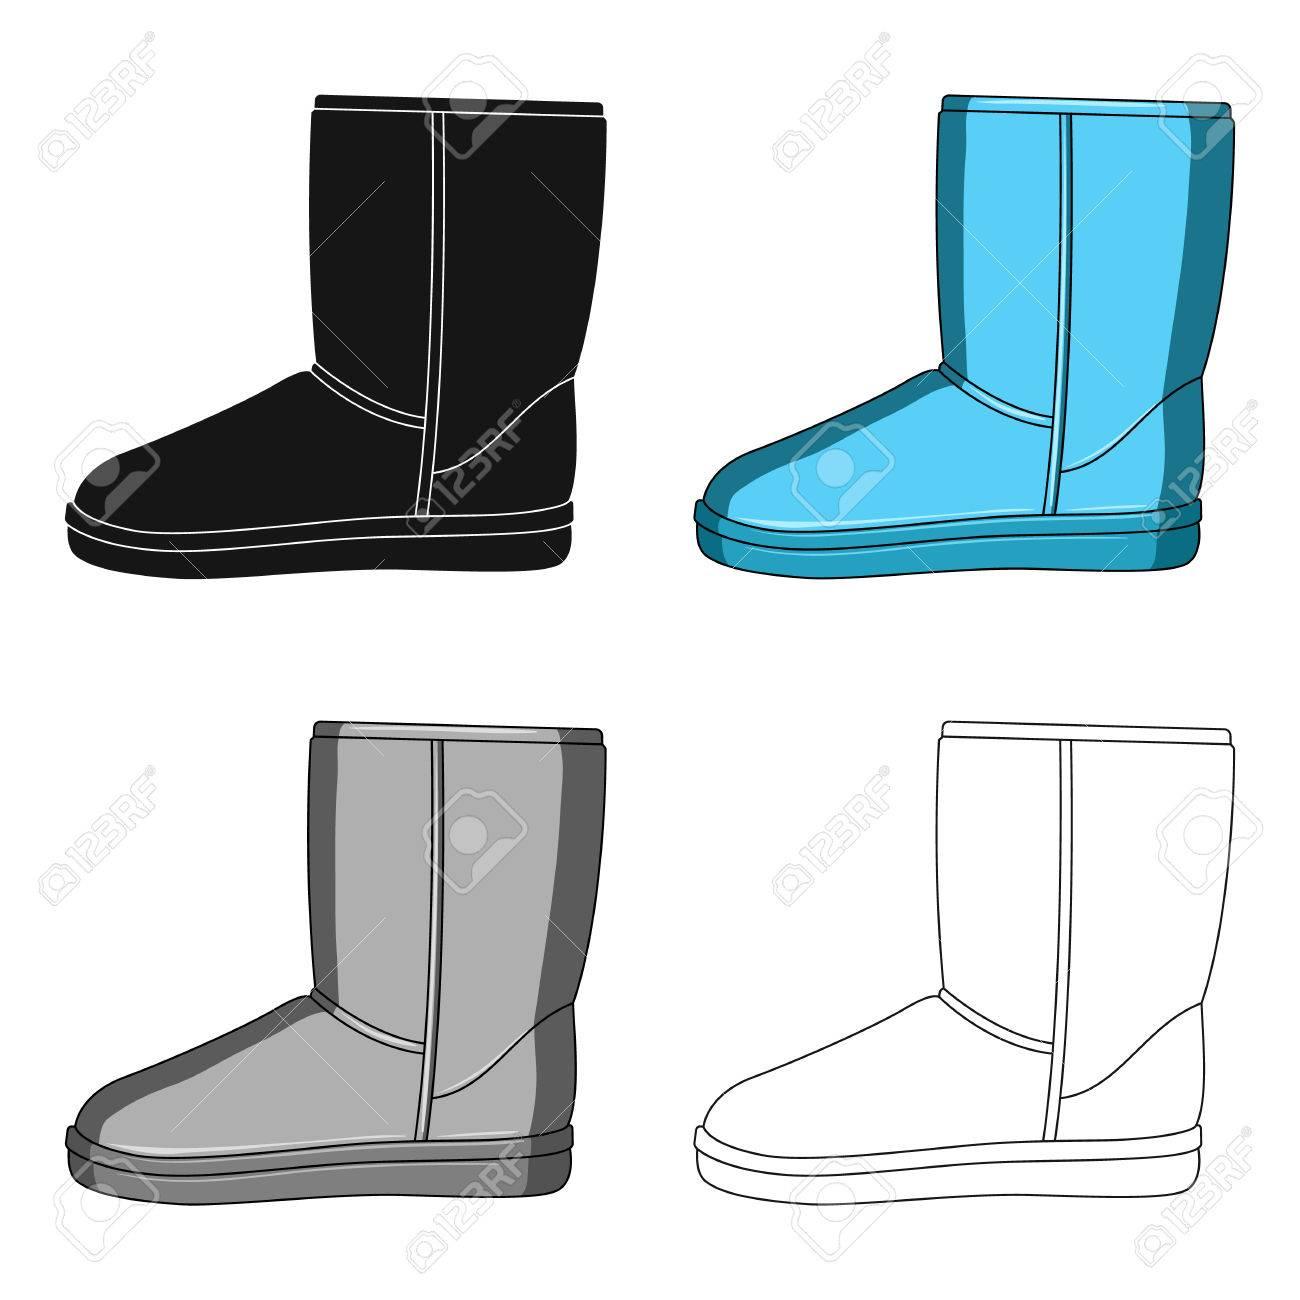 Botas de invierno ugg azul cálido. Zapatos cómodos de invierno para el uso diario. Diferentes zapatos único icono en estilo de dibujos animados